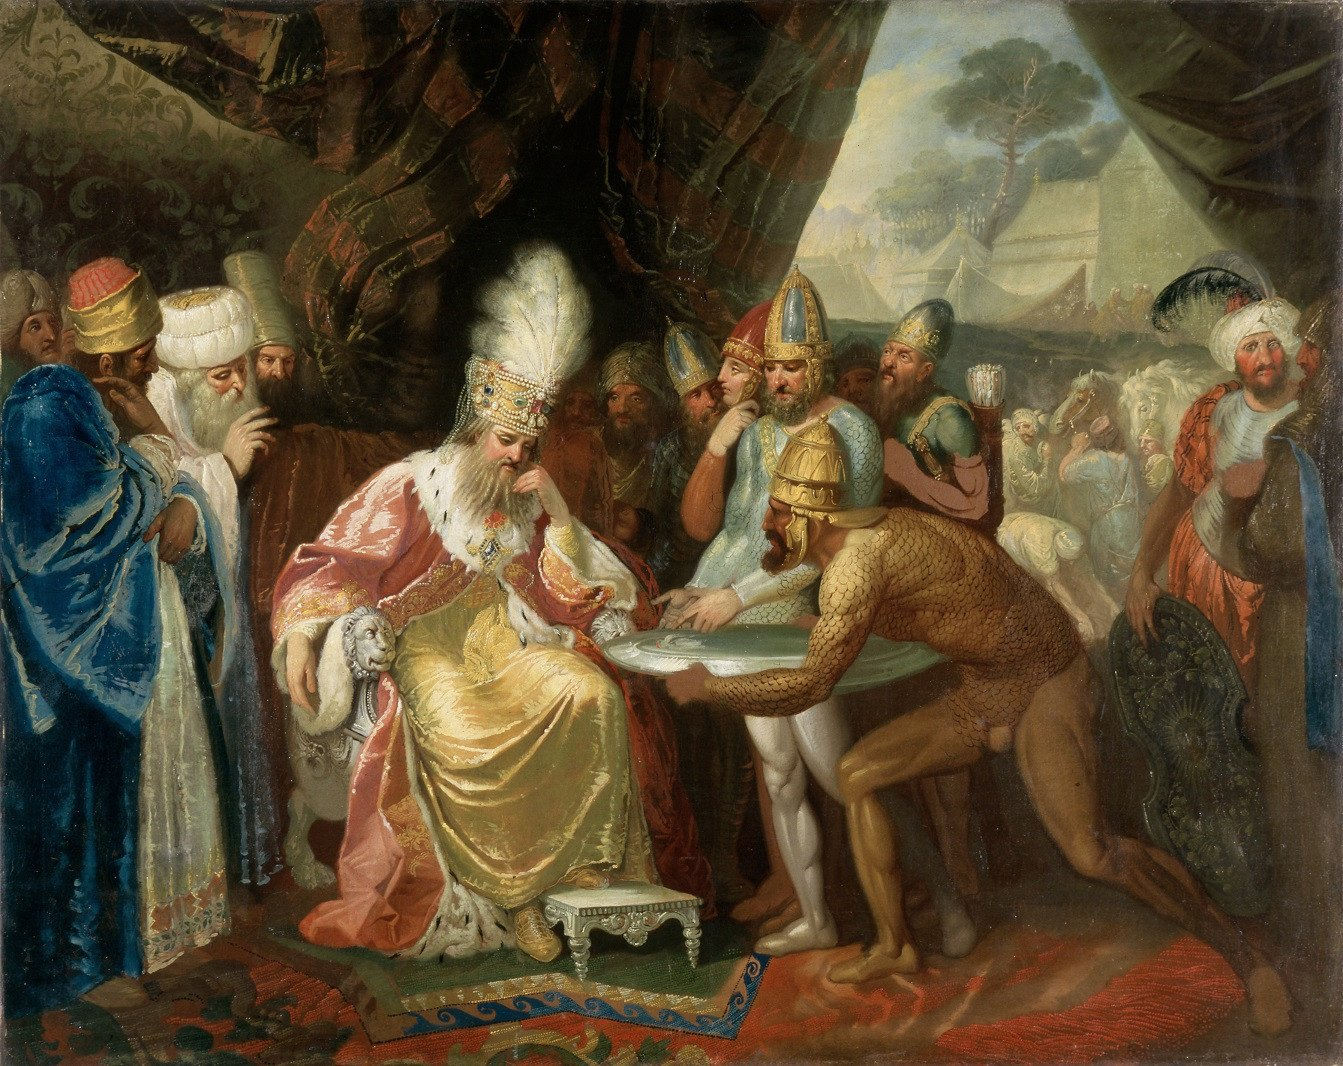 Vilniaus paveikslų galerijoje atidaroma P. Smuglevičiui skirta paroda